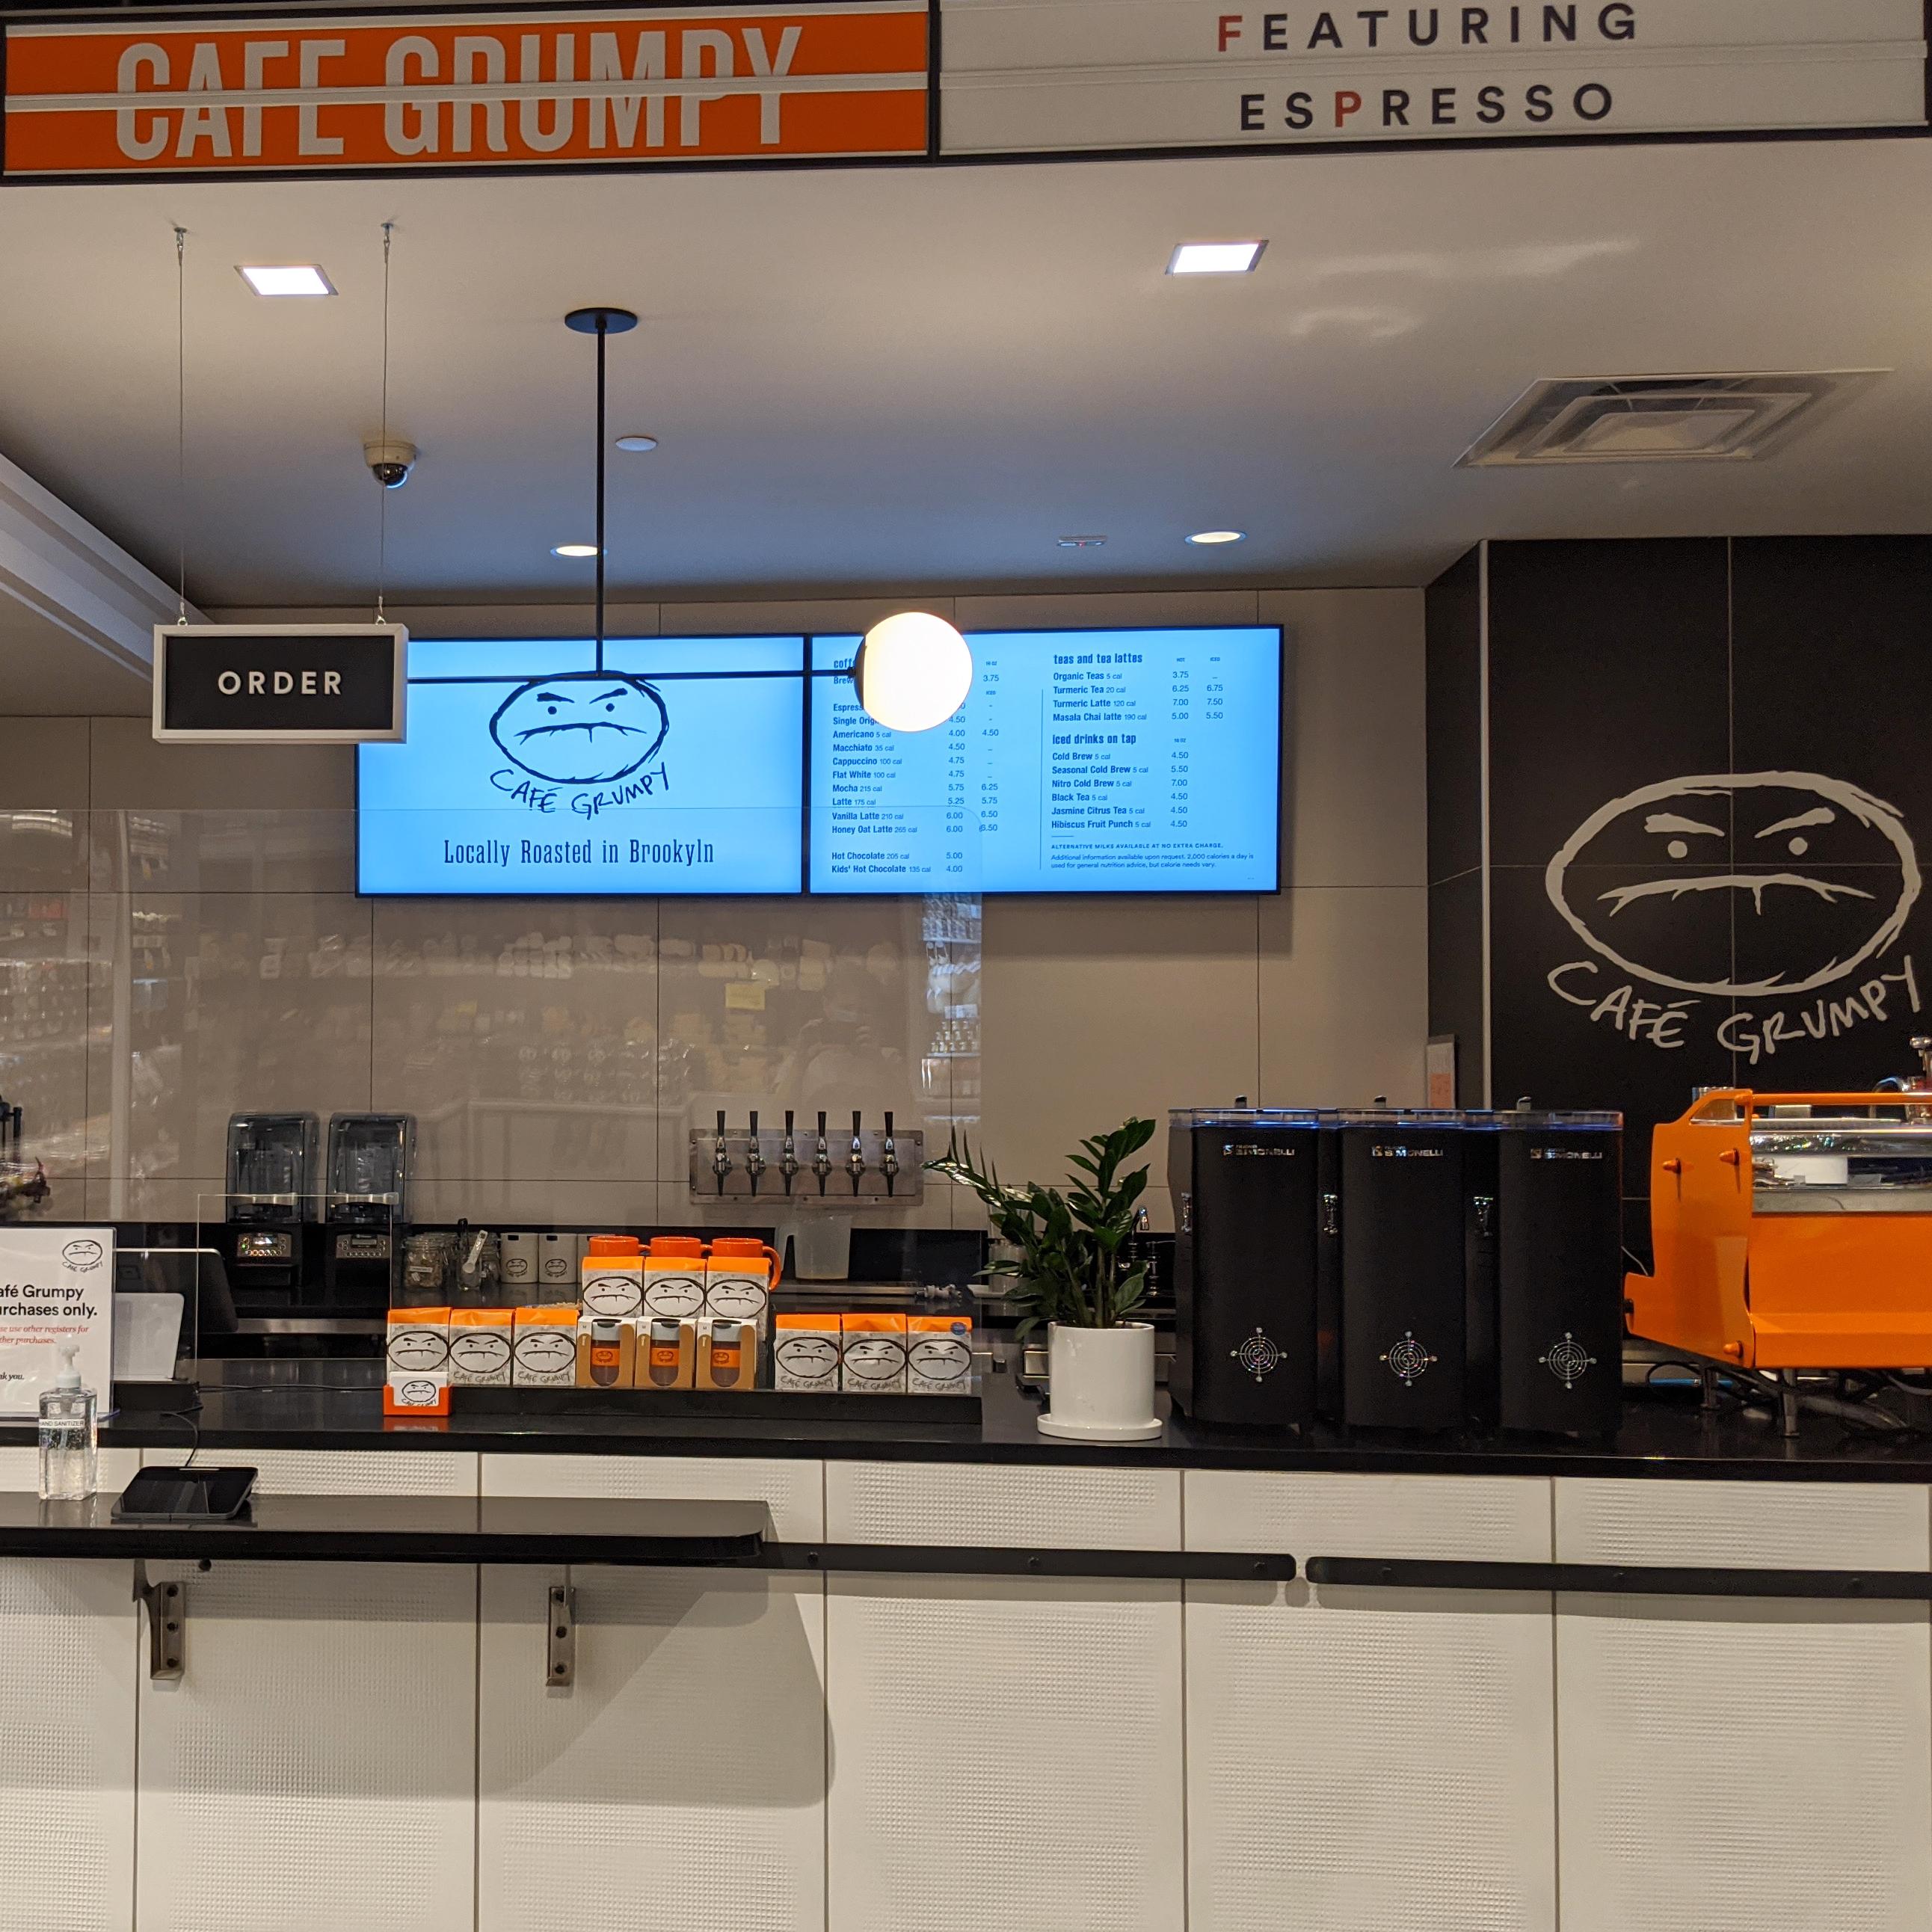 cafe-grumpy-manhattan-west-whole-foods-interior.jpg